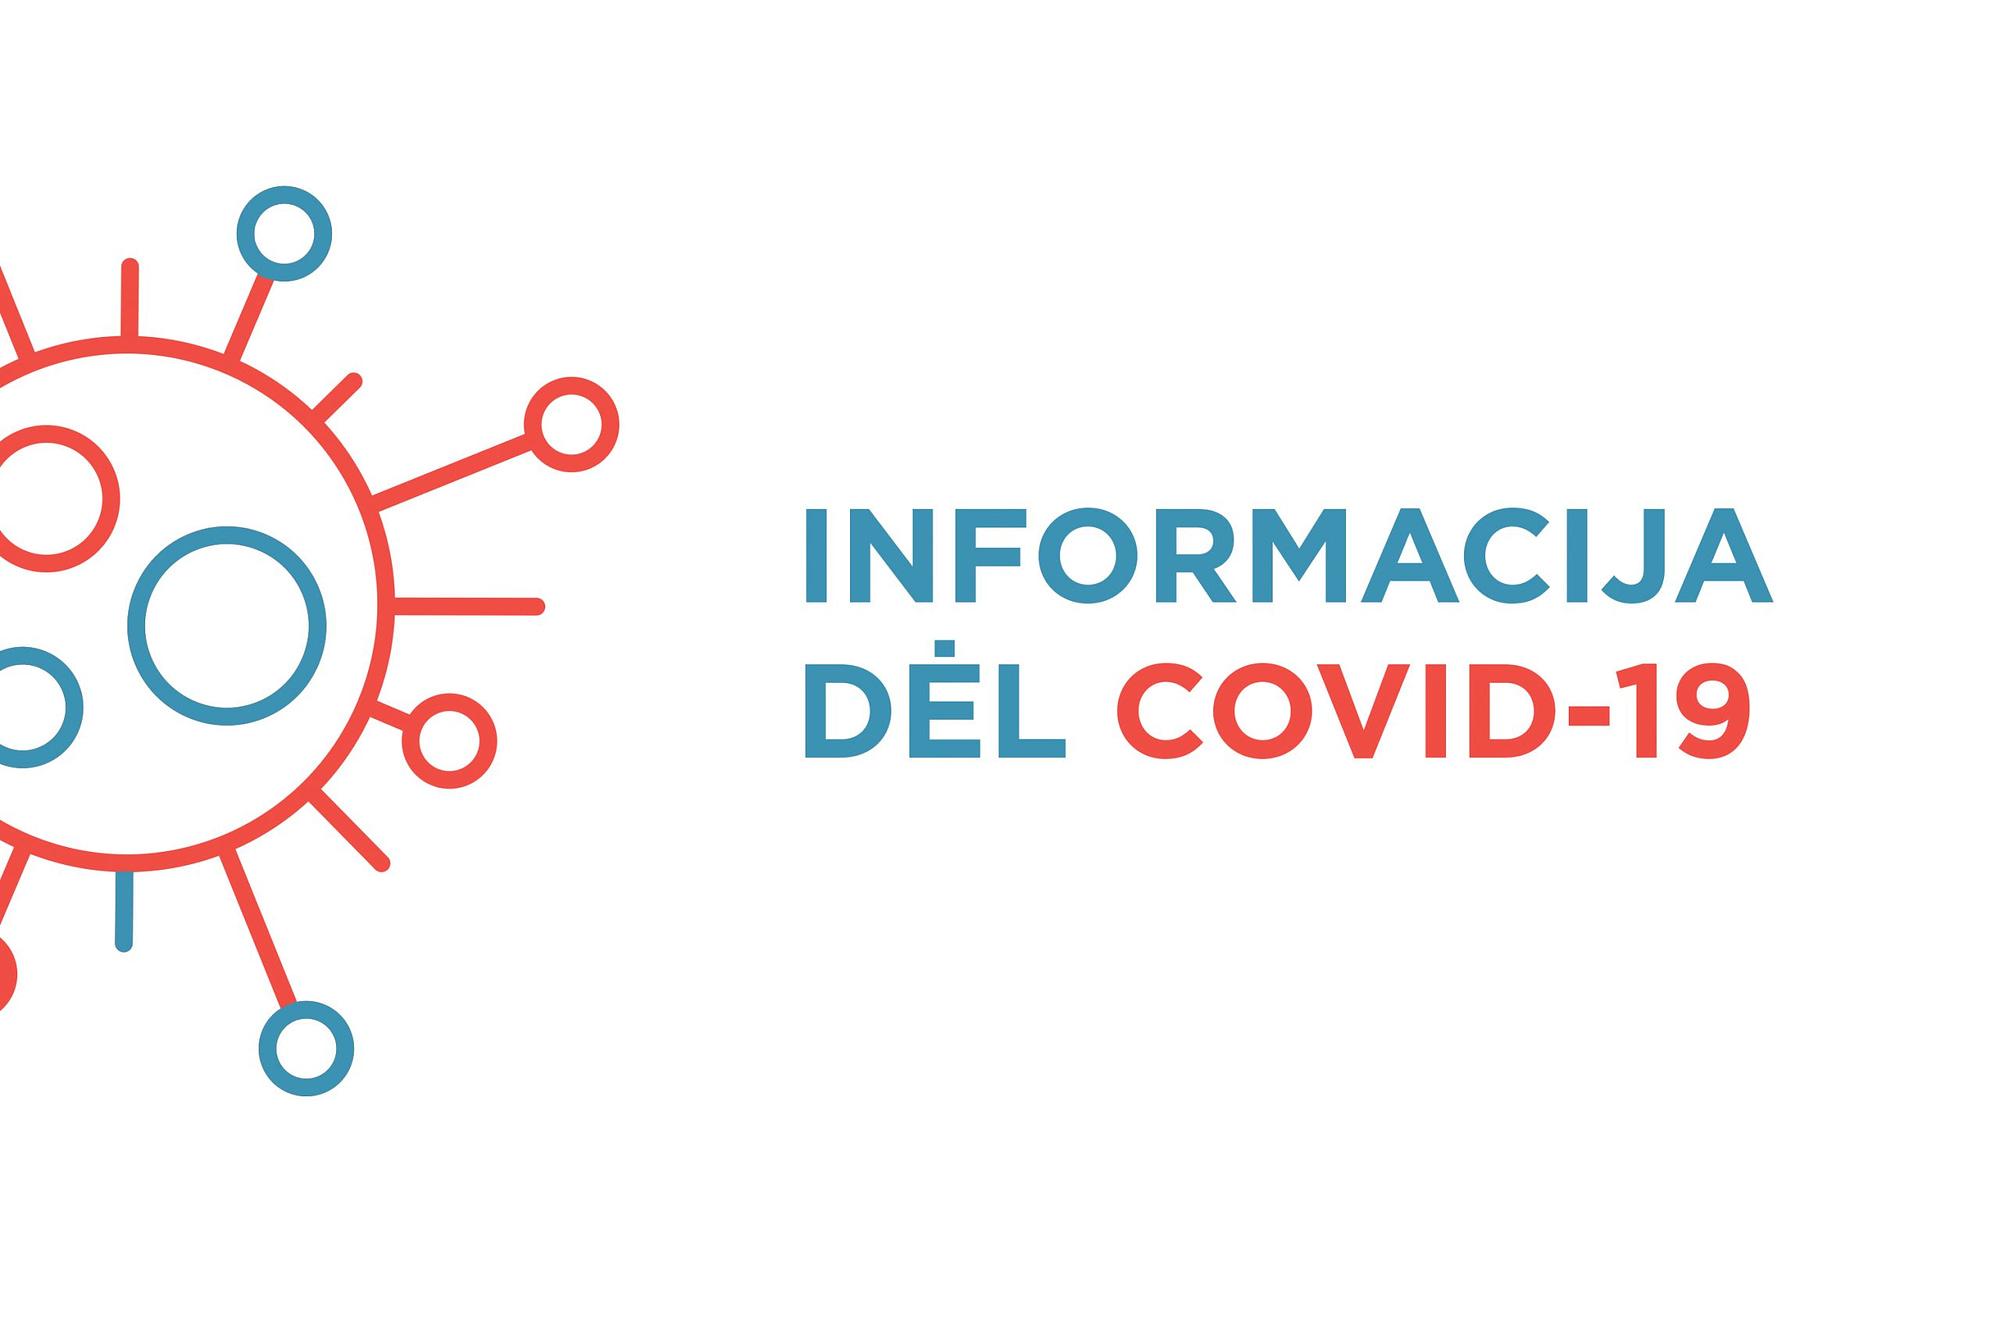 Iliustracija informacijai dėl COVID-19